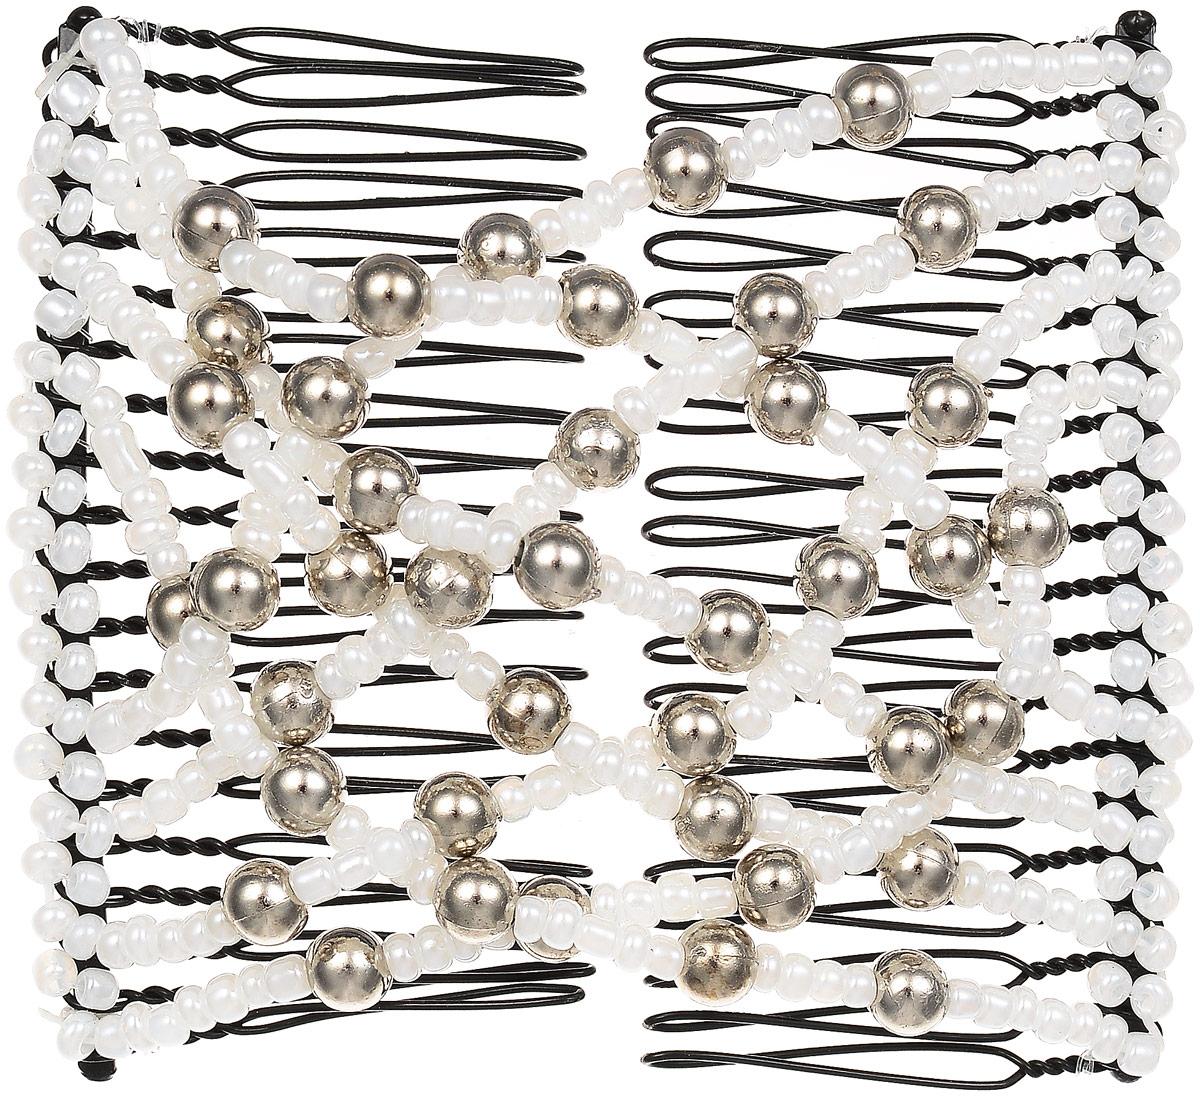 EZ-Combs Заколка Изи-Комбс, одинарная, цвет: белый, серебристый. ЗИО ez combs заколка изи комбс одинарная цвет коричневый зио сердечки